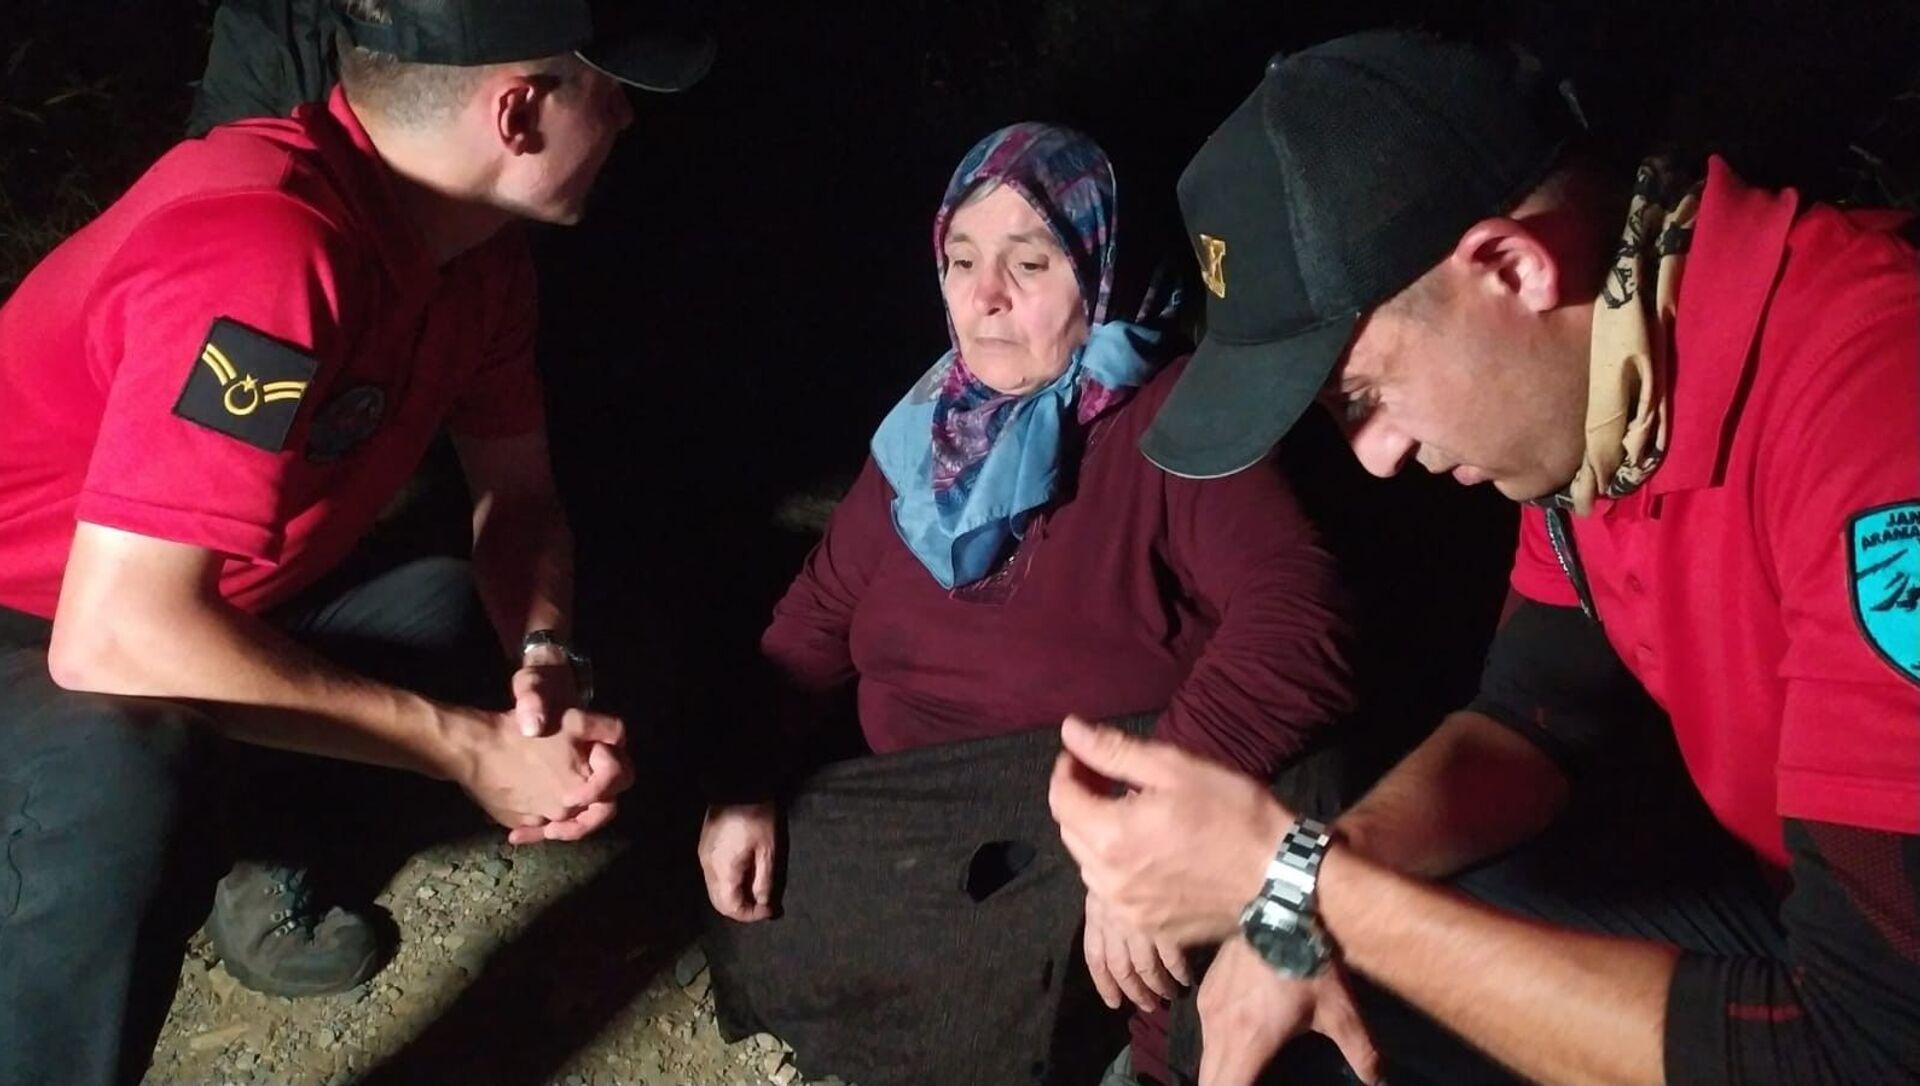 Uludağ'da odun toplamak için gittiği ormanda kaybolan kadın 53 saat sonra sağ bulundu - Sputnik Türkiye, 1920, 25.07.2021